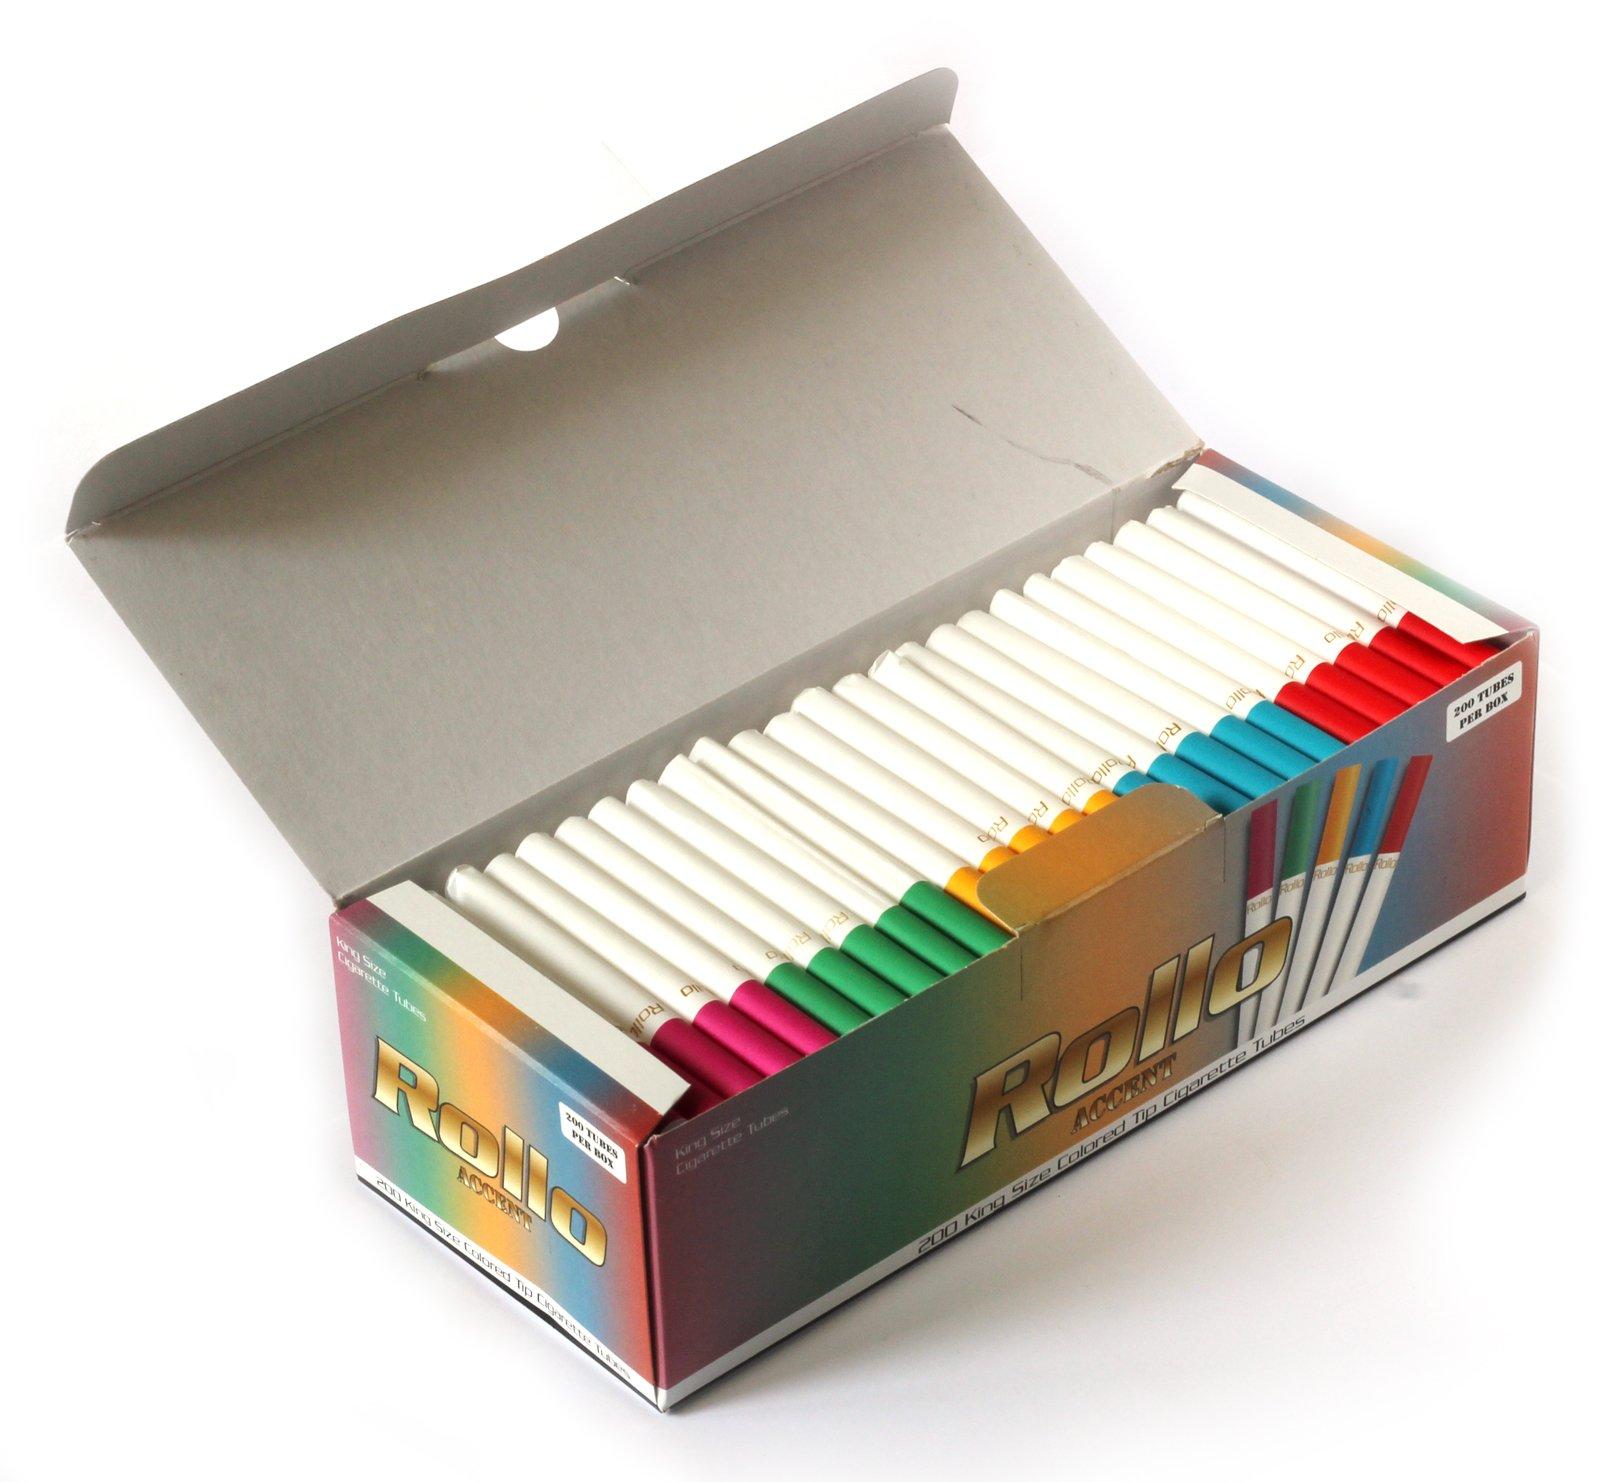 Amazoncom Rollo Masterpiece King Size Multi Colored Cigarette